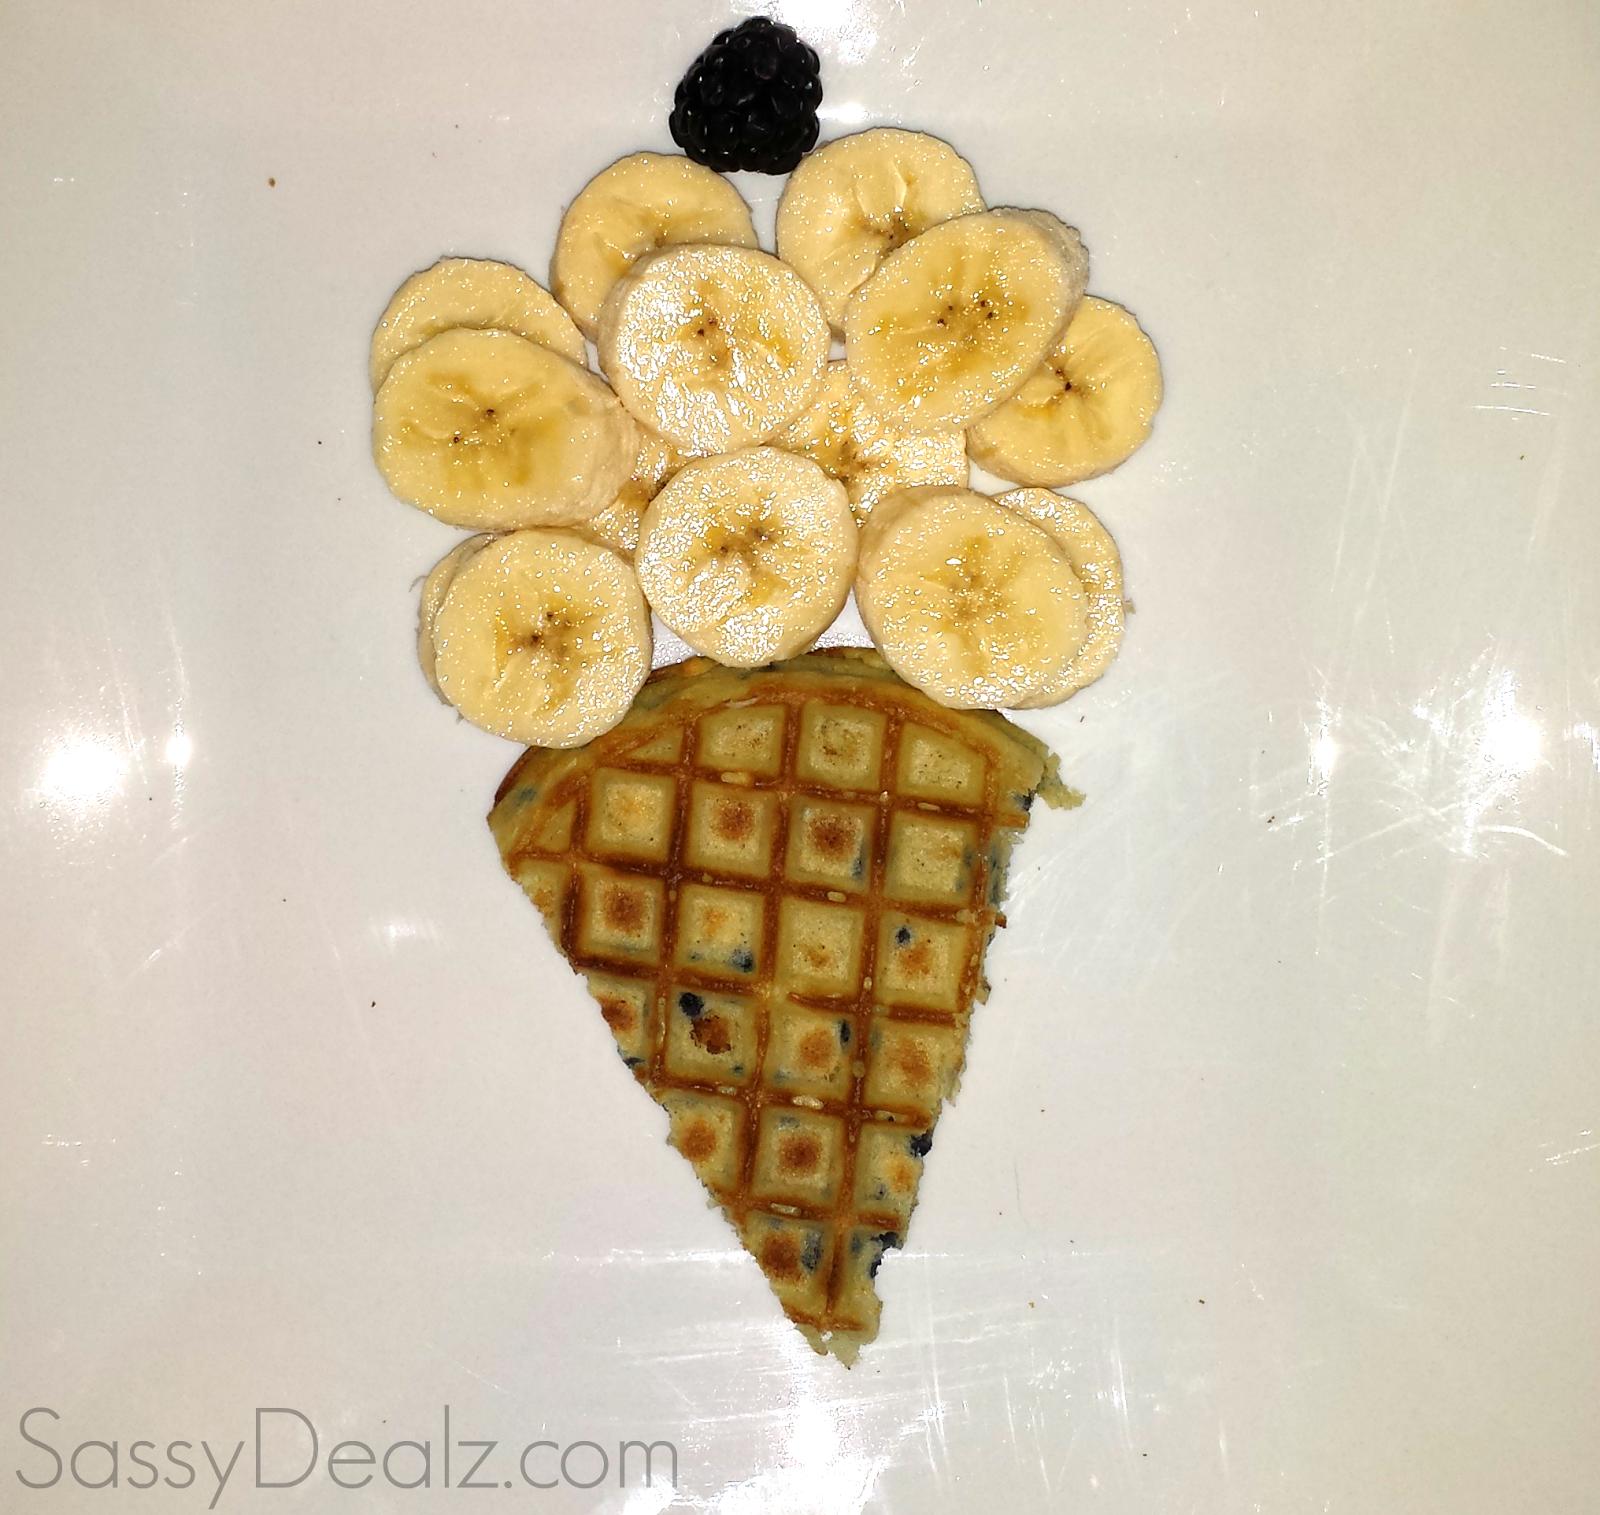 Fun & Creative Banana Breakfast Ideas For Kids